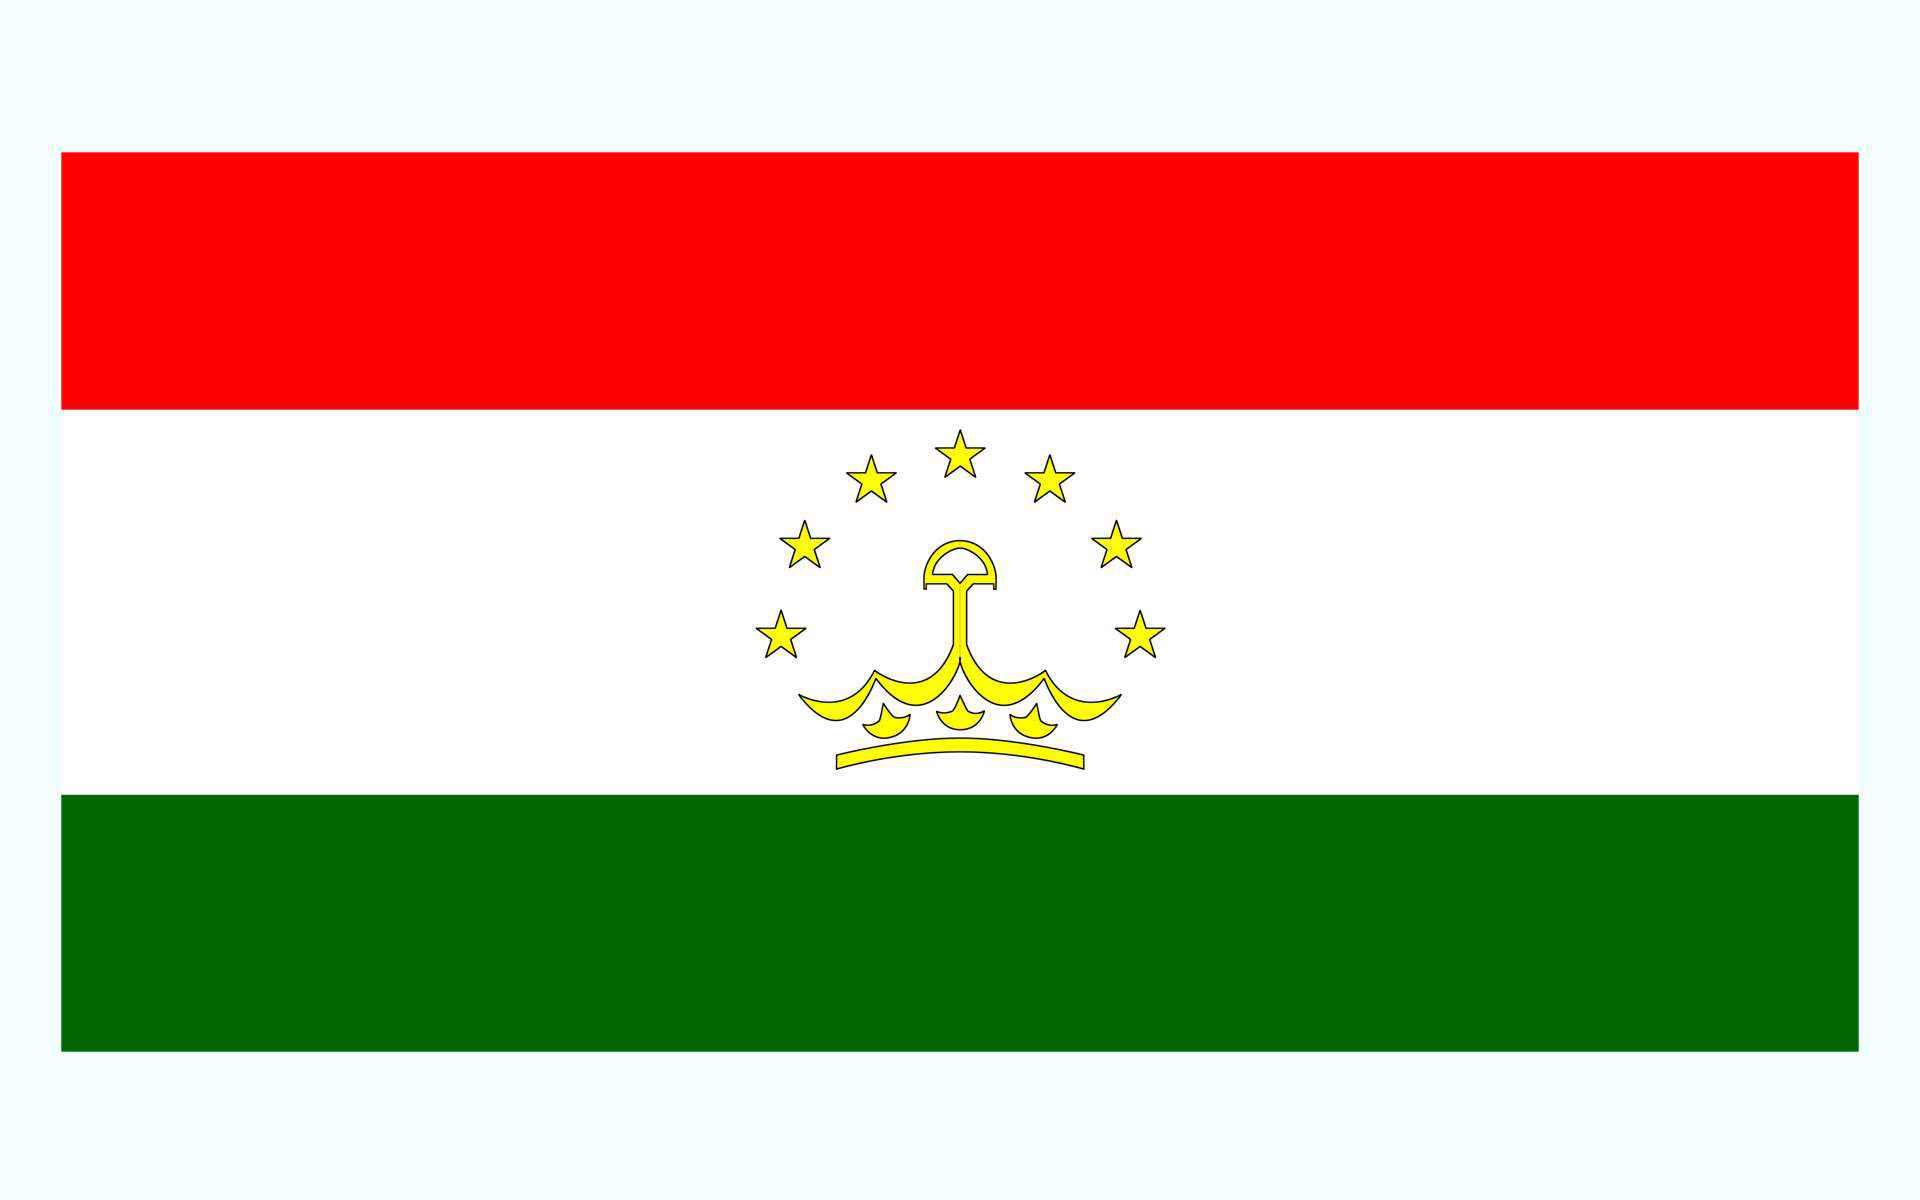 بیانیه وزارت خارجه تاجیکستان درباره سفر رییس جمهور به این کشور